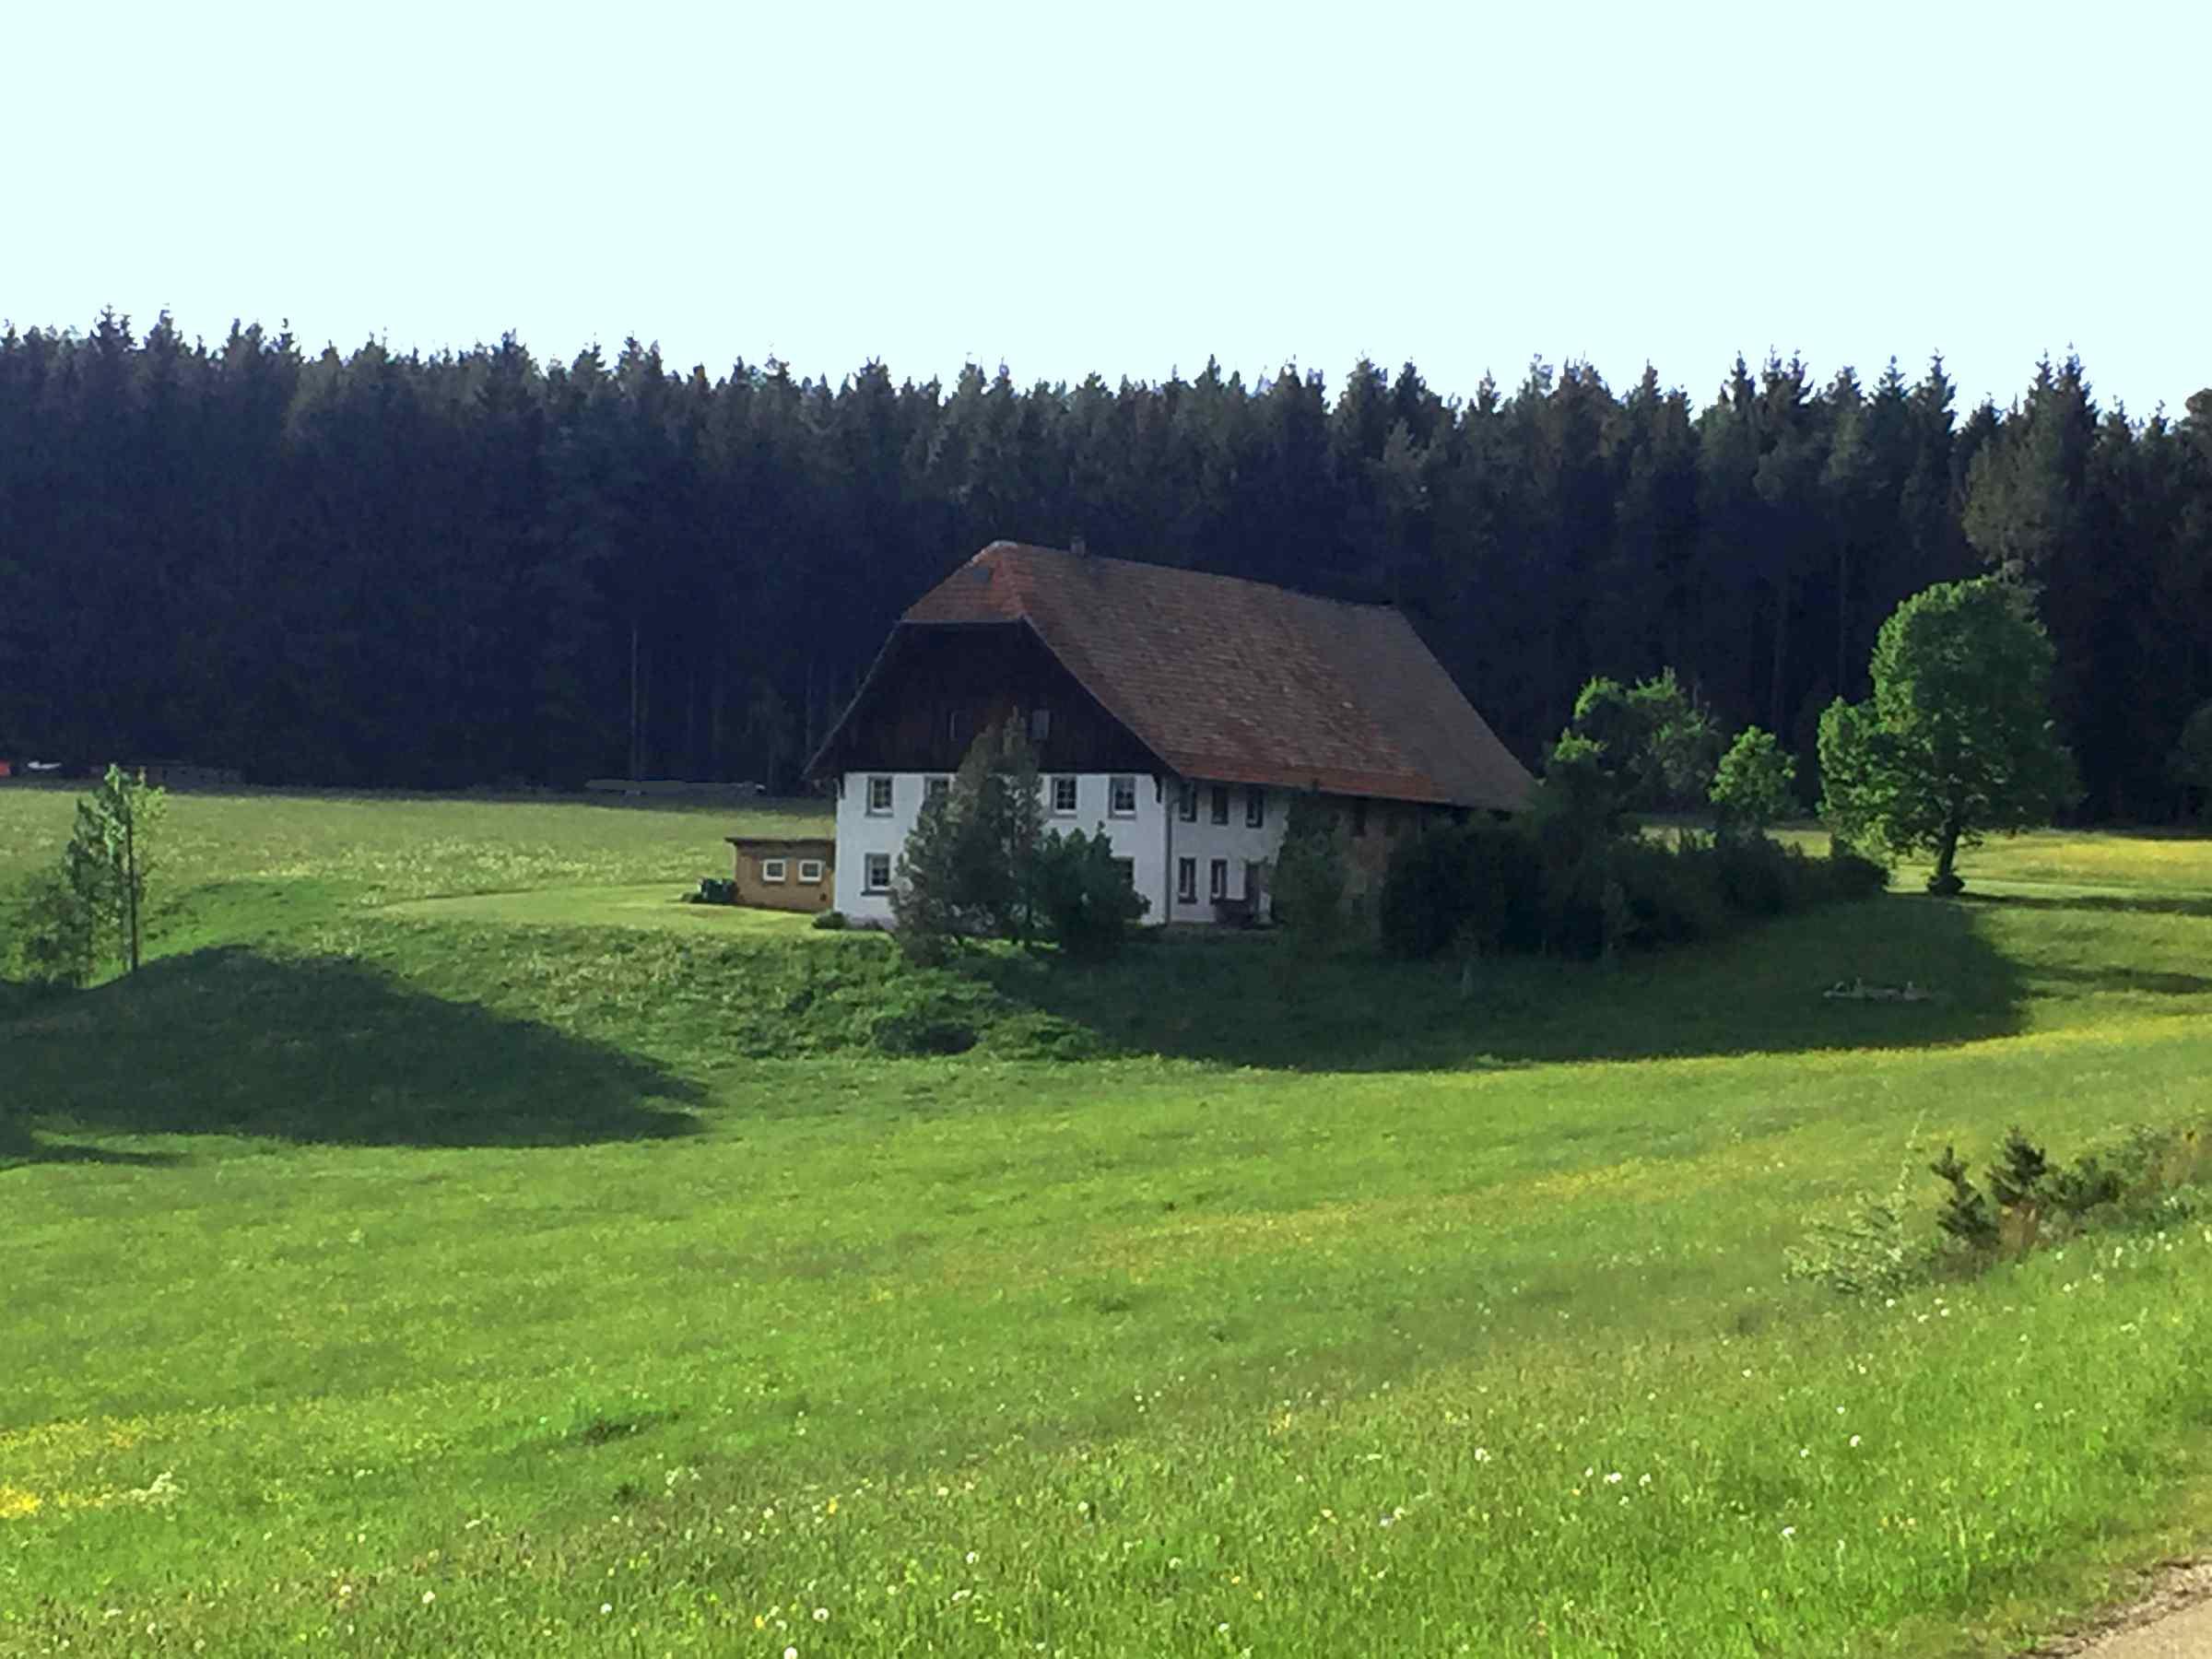 Ferienwohnung Storzenhof, (Unterkirnach). Ferienwohnung, 140qm, 3 Schlafzimmer, max. 8 Personen (2790199), Unterkirnach, Schwarzwald, Baden-Württemberg, Deutschland, Bild 16